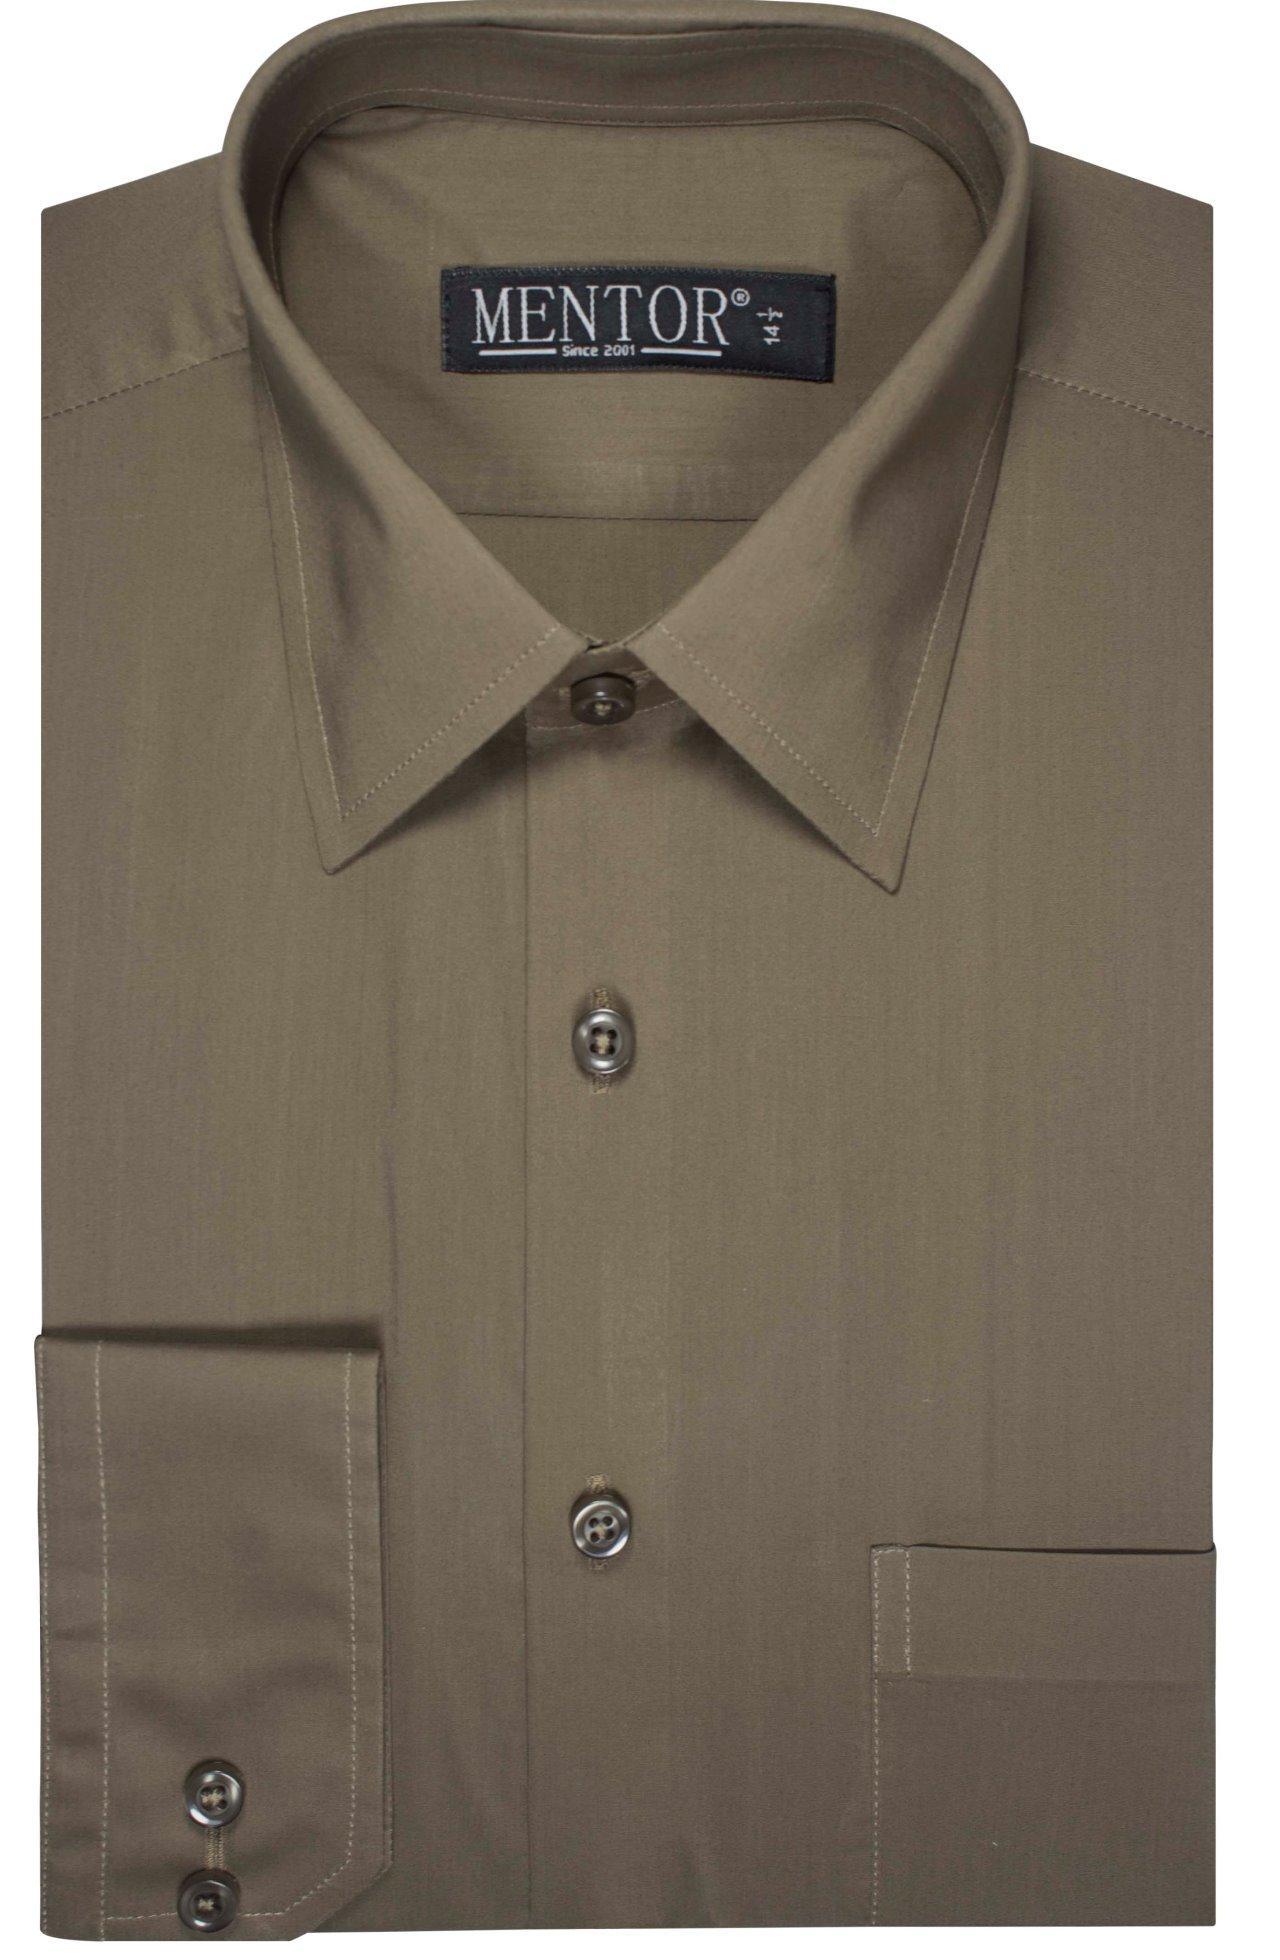 Mentor Dark Green Plane full sleeve Dress Shirt